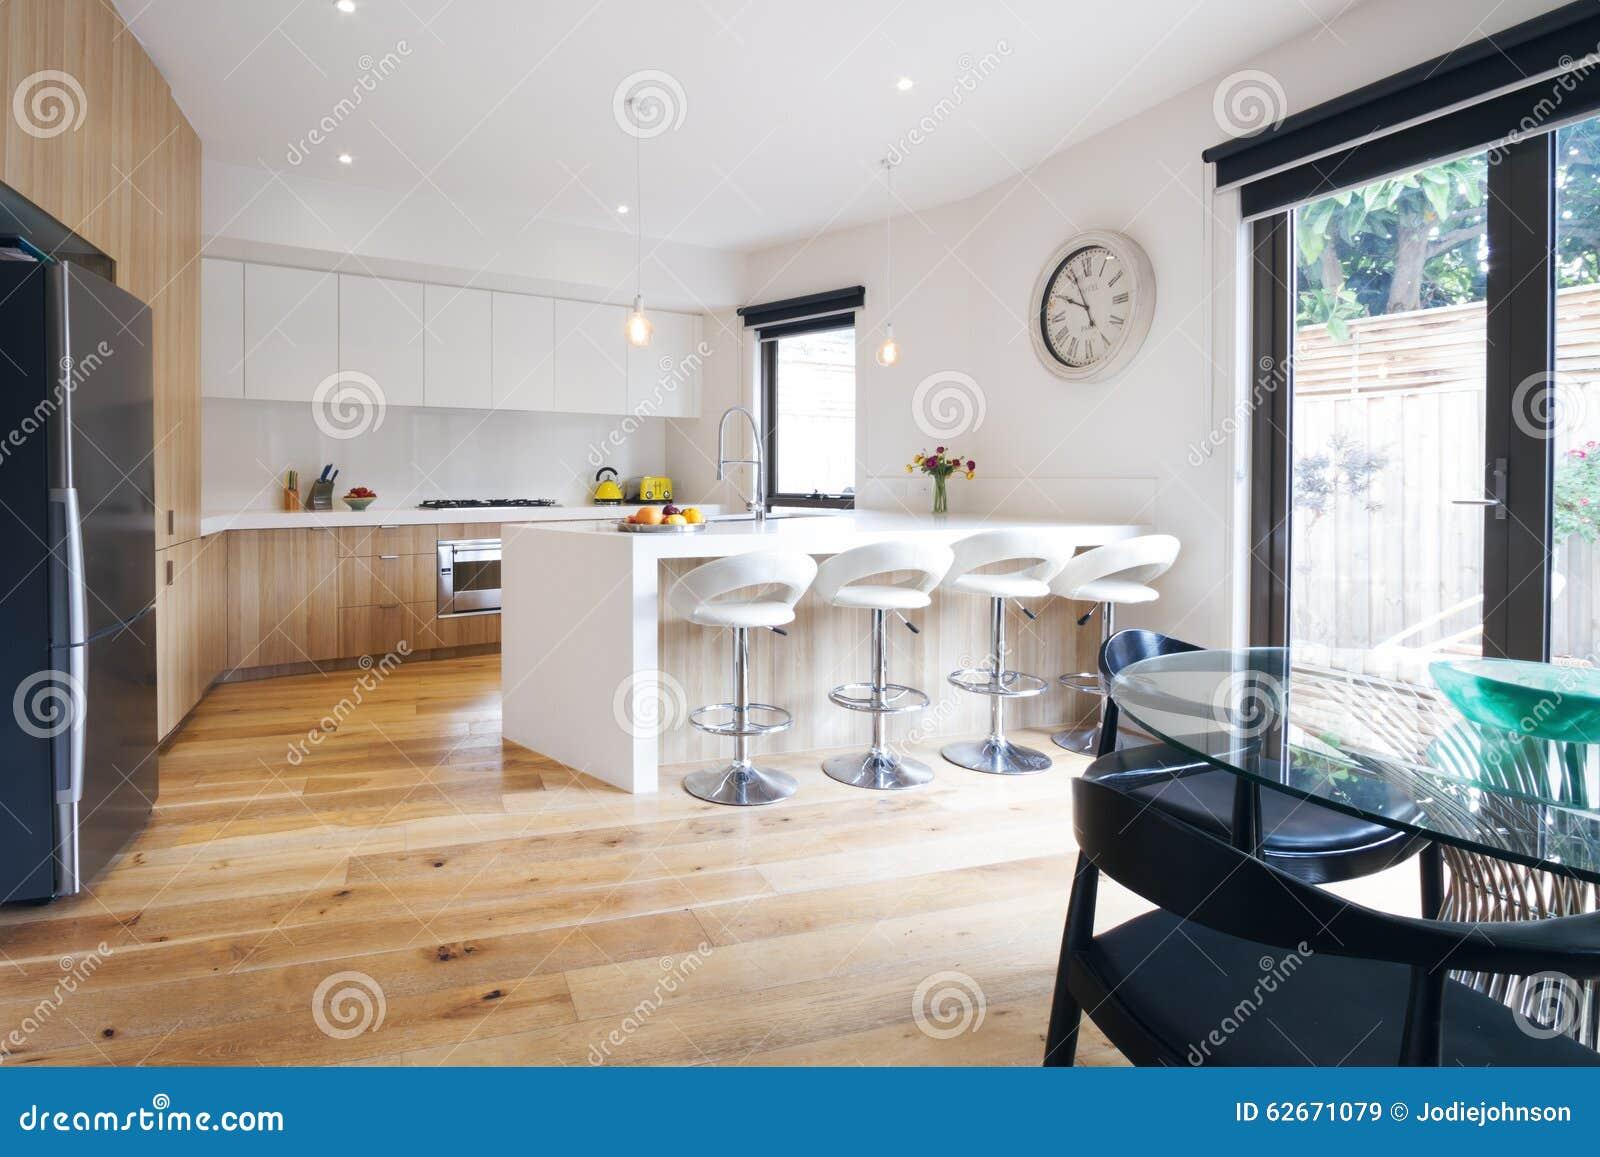 cuisine moderne plan. Black Bedroom Furniture Sets. Home Design Ideas